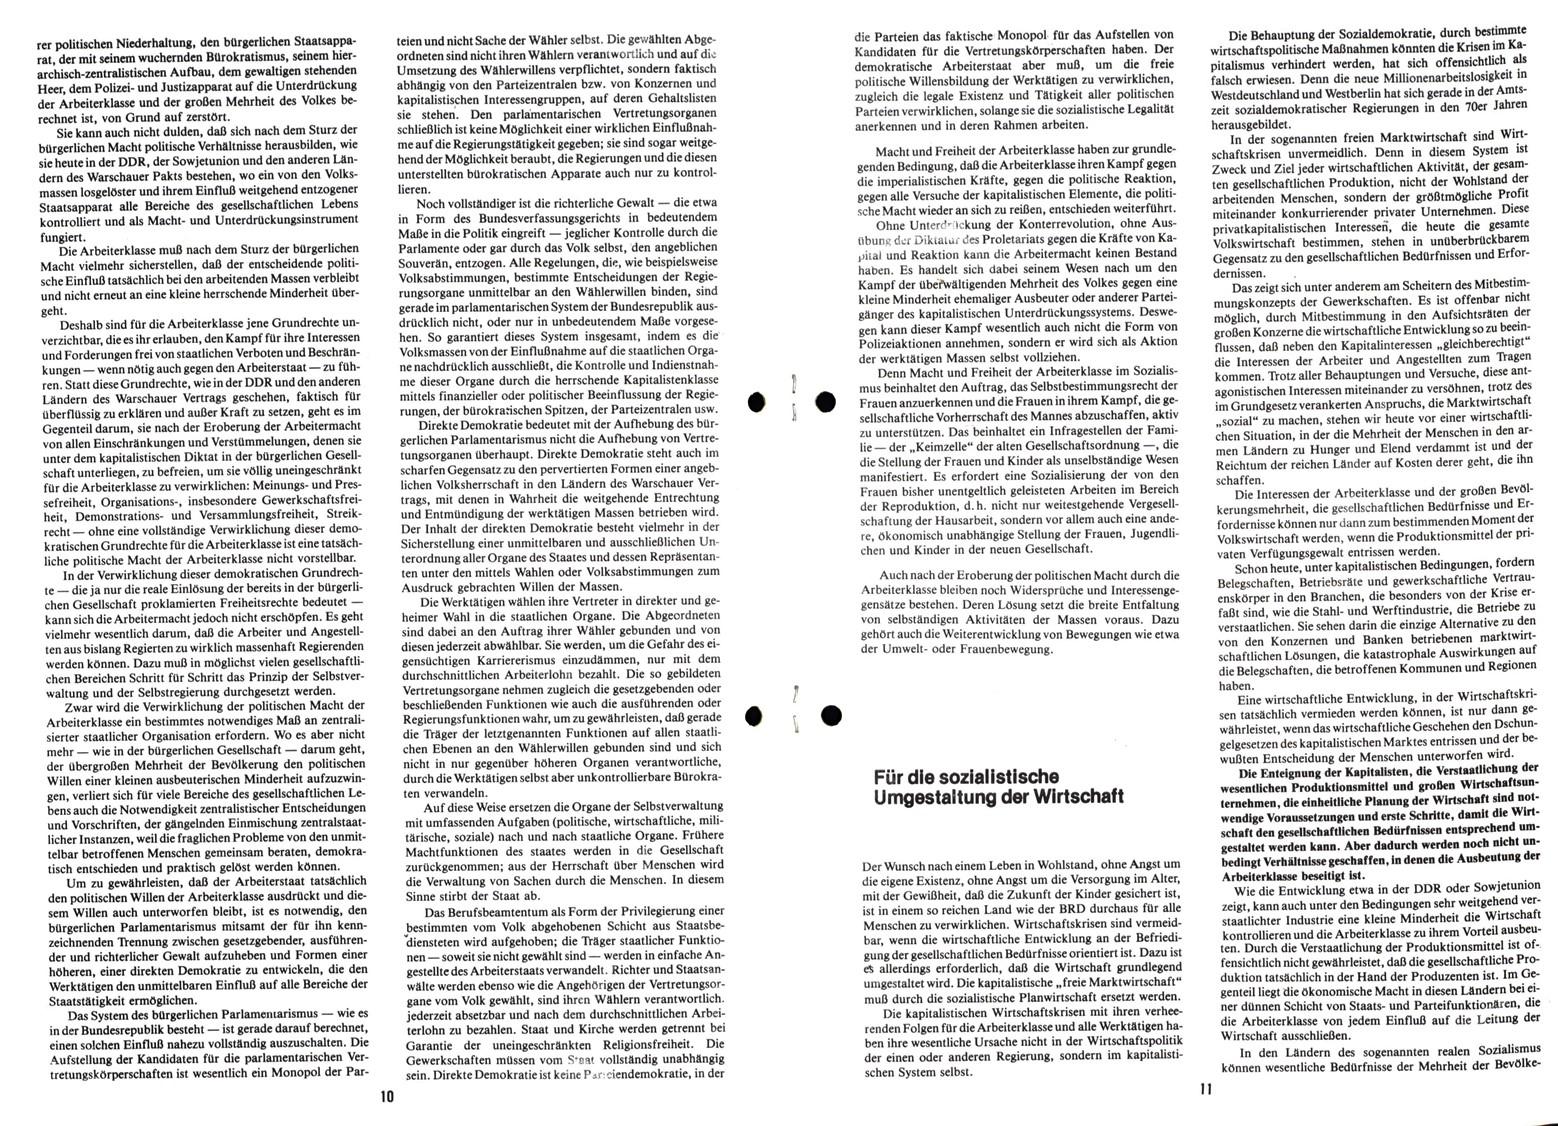 KPDML_GIM_1986_Dokumente_zur_Vereinigung_06